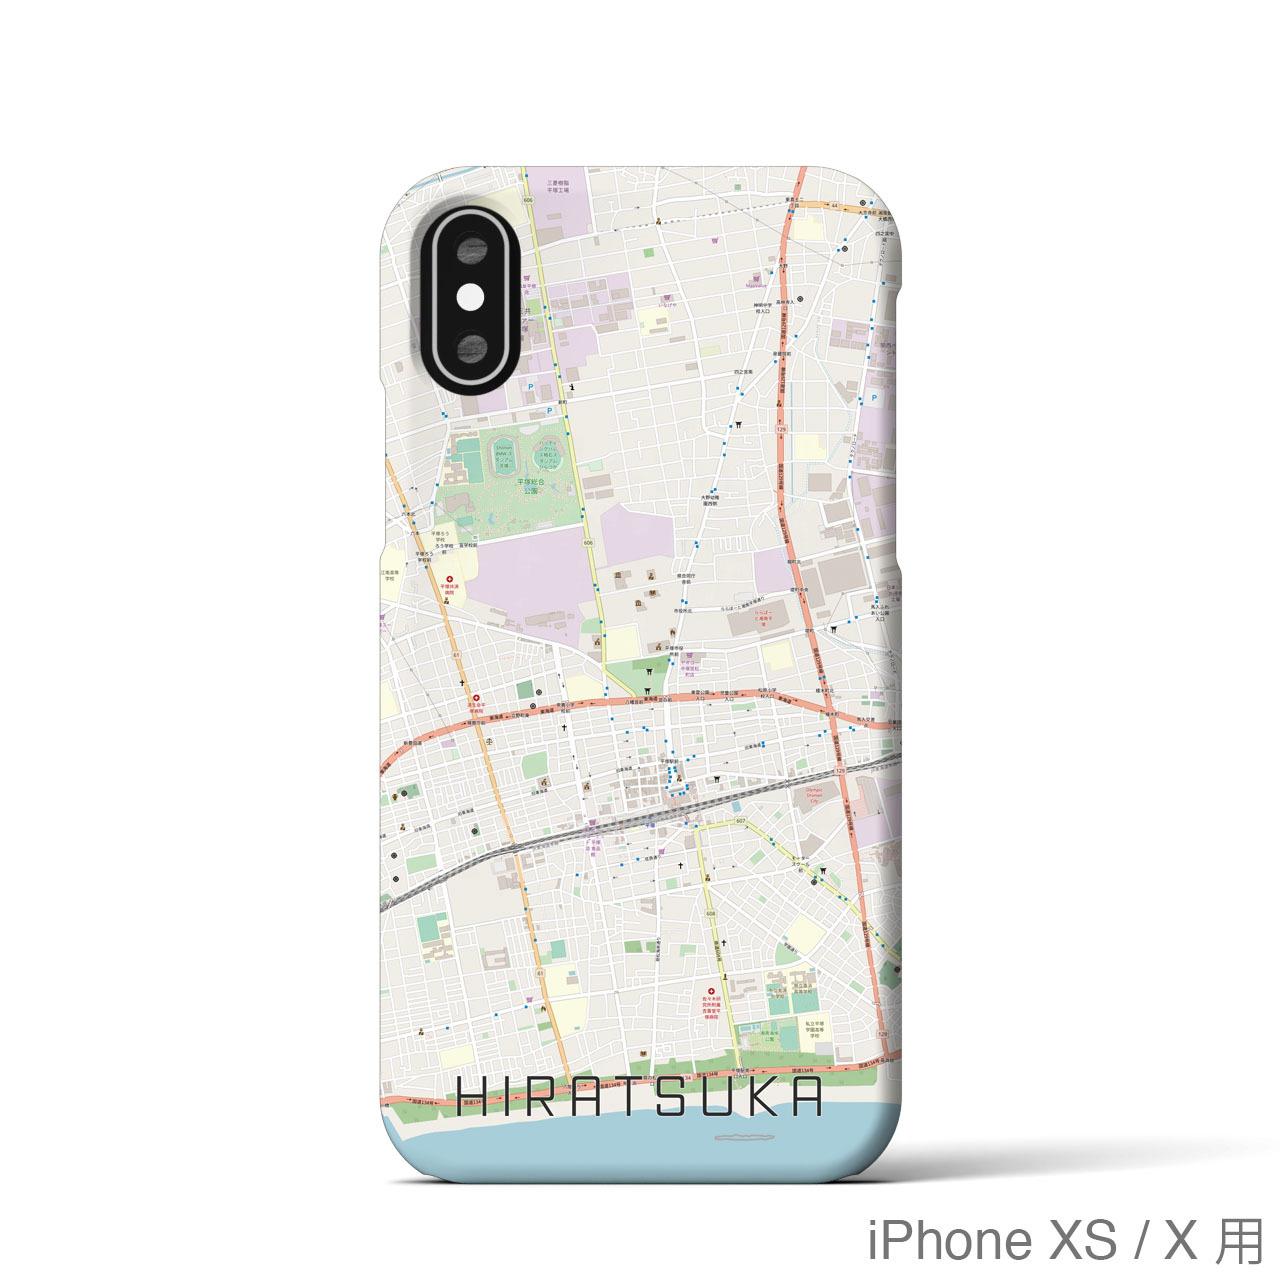 【平塚】地図柄iPhoneケース(バックカバータイプ・ナチュラル)